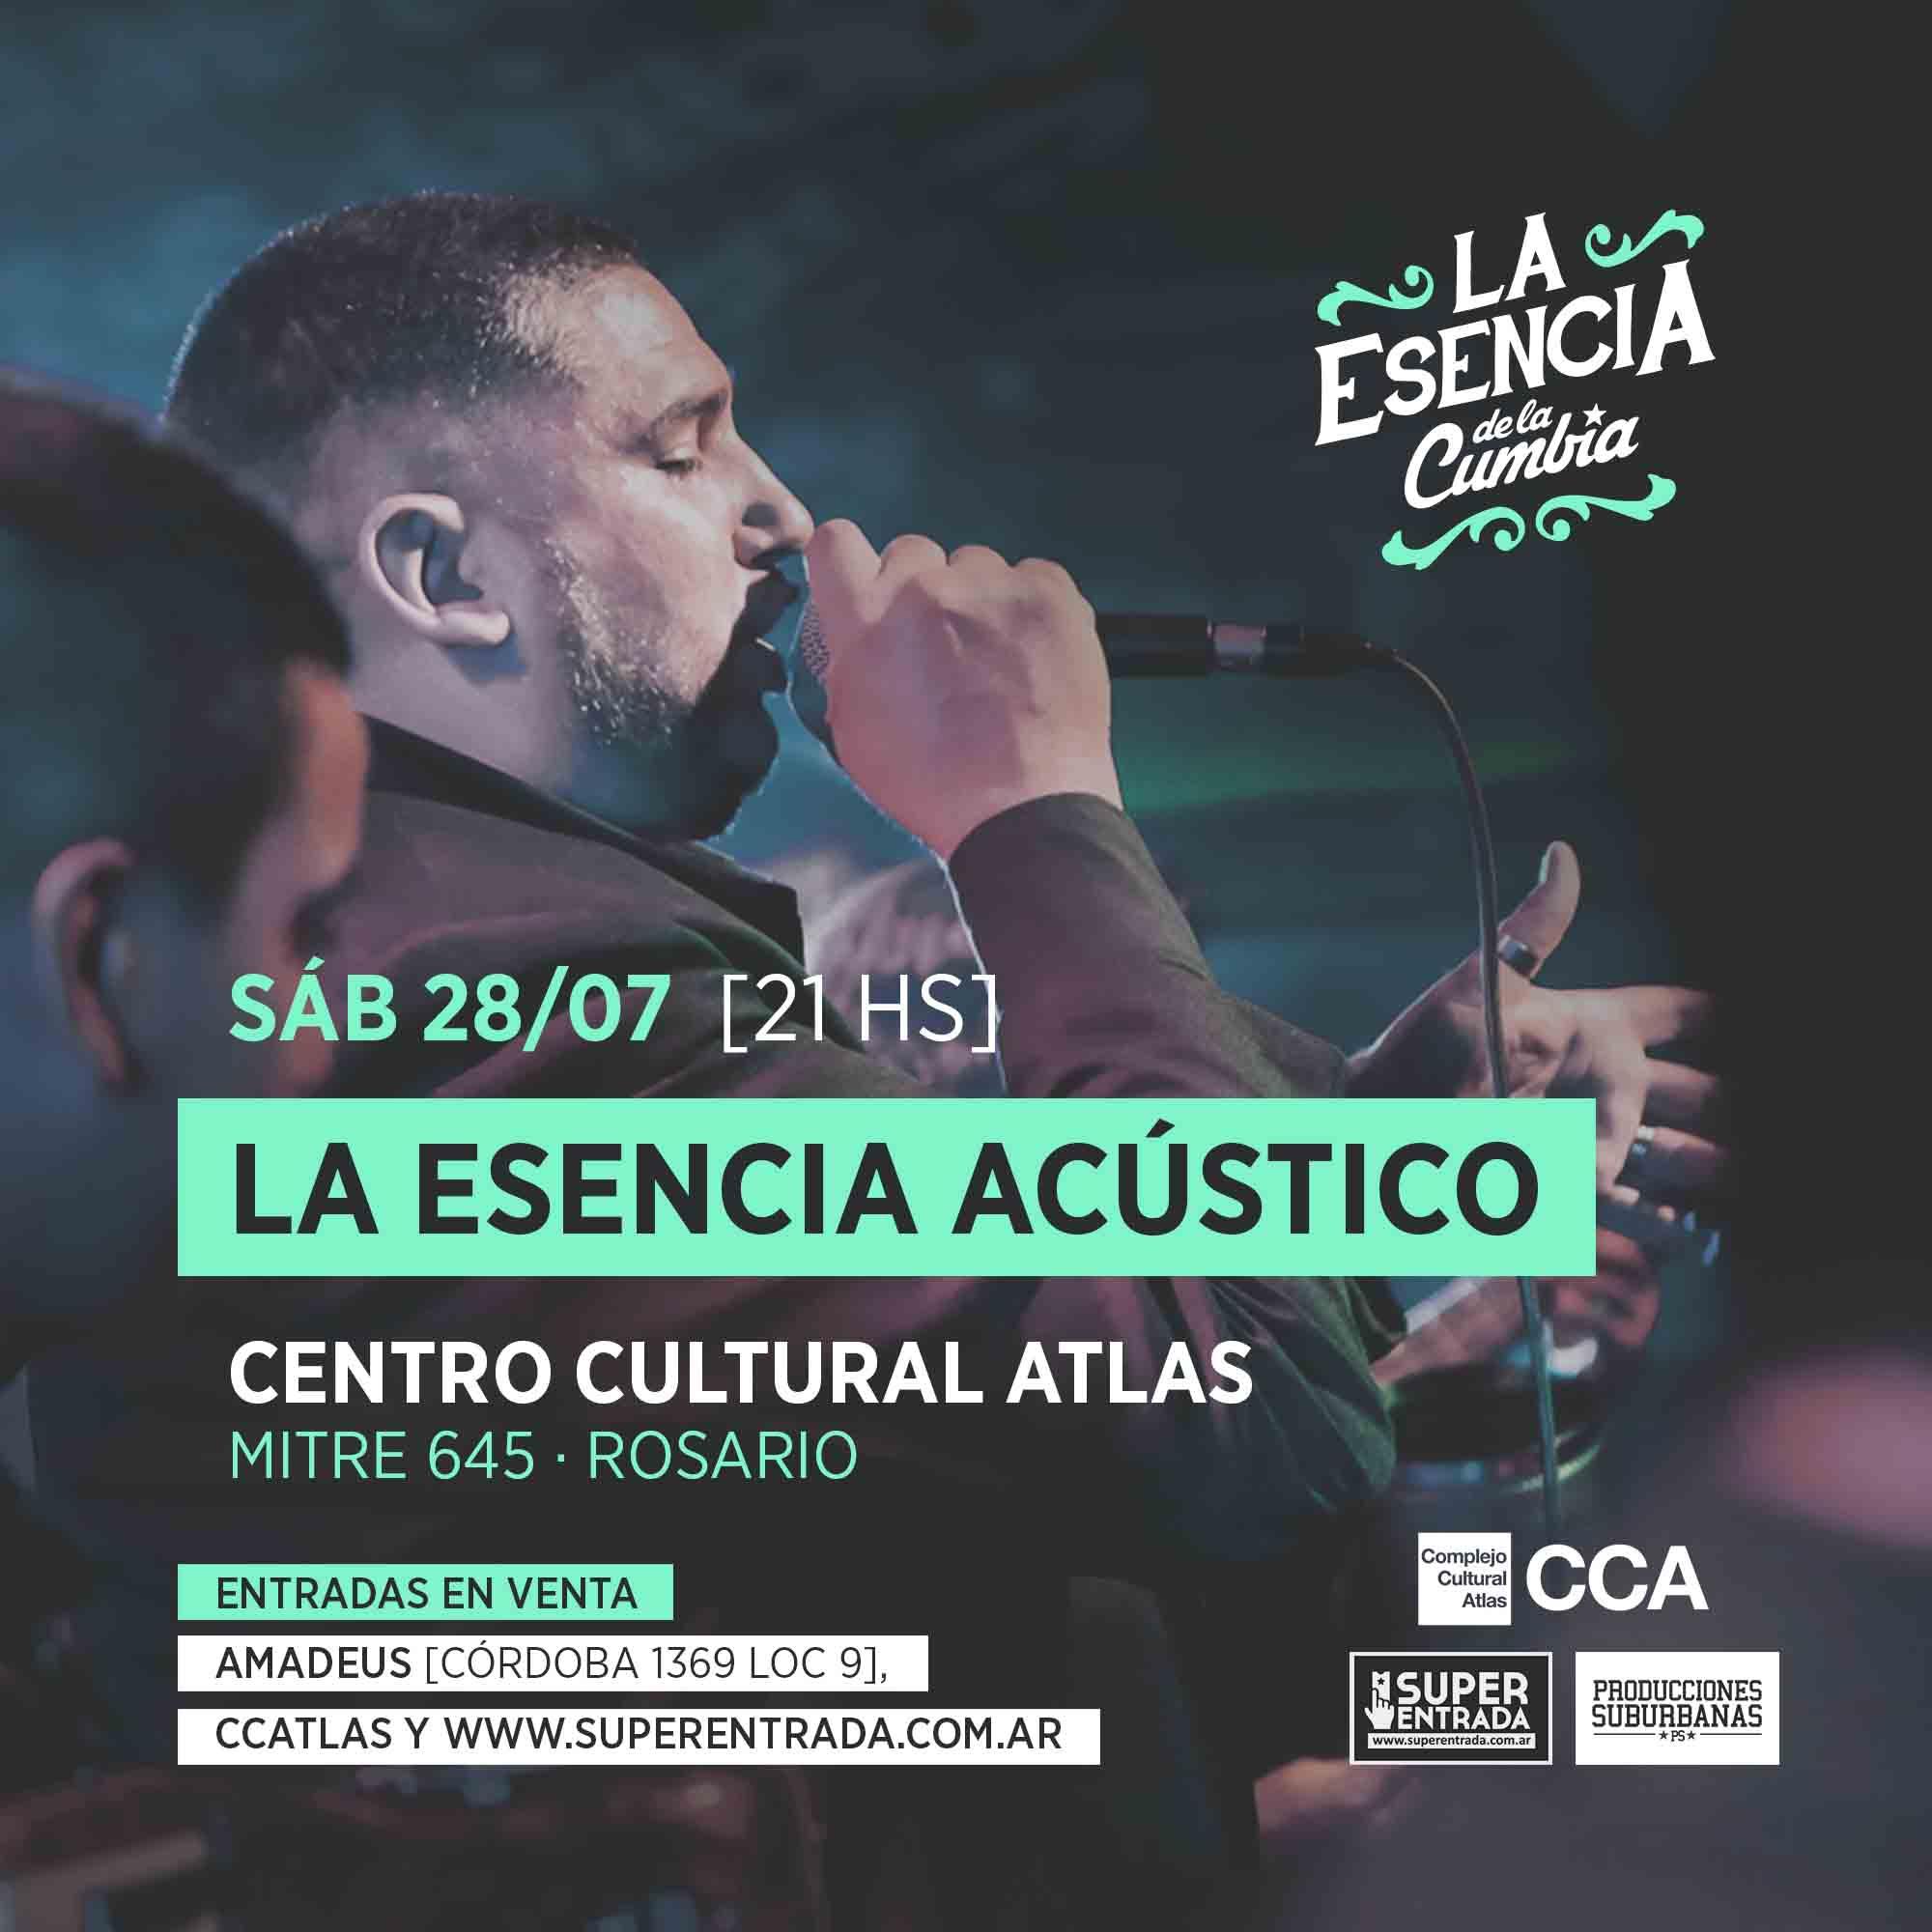 LA ESENCIA de la Cumbia presenta su edición Acústico Deluxe